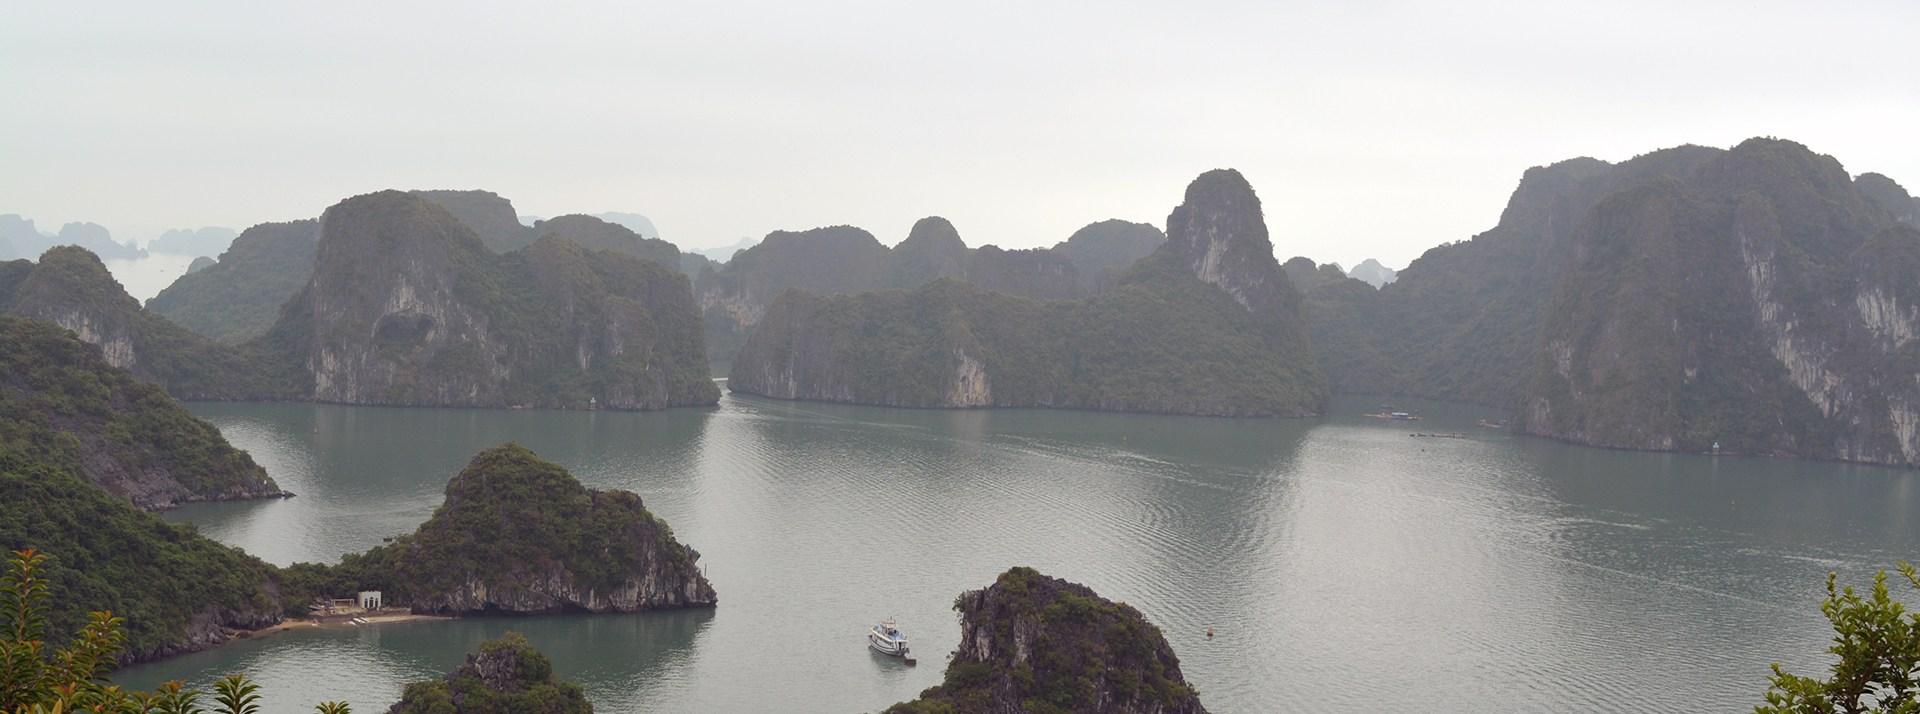 Ha Long Bay, Vietnam — pretty cool still